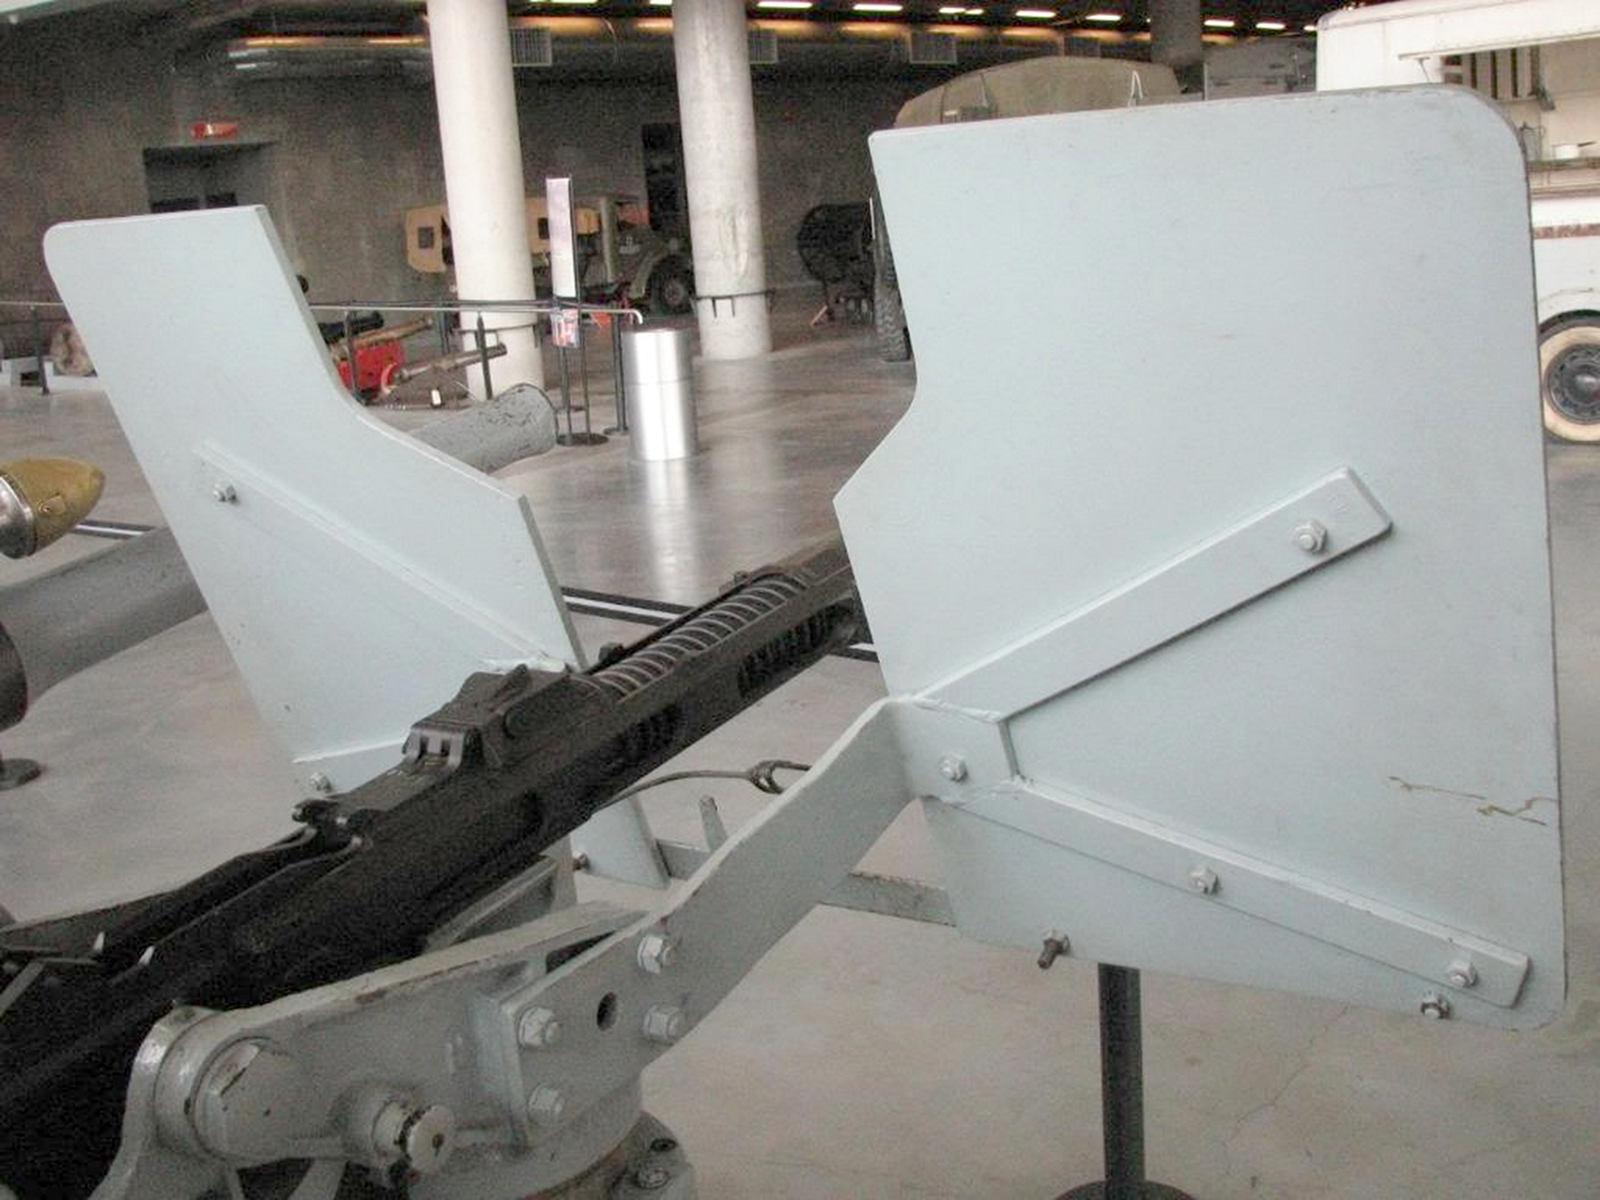 20mm Anti-Aircraft Gun (12)